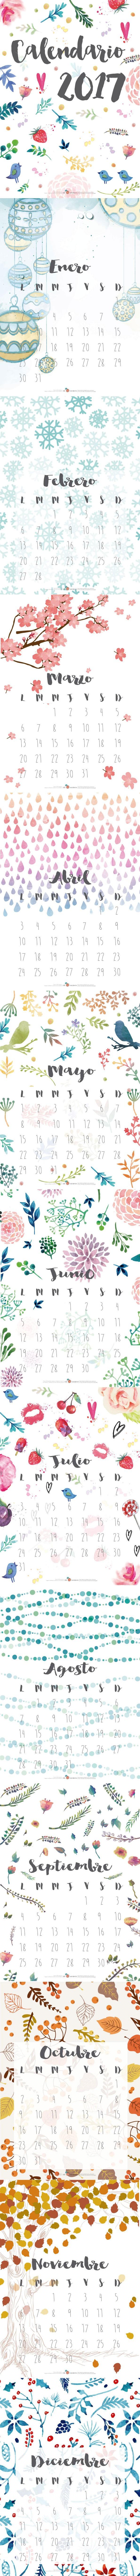 Calendario Para Imprimir Diciembre 2017 Más Reciente Calendario 2017 Descargable Gratuito Disponible En